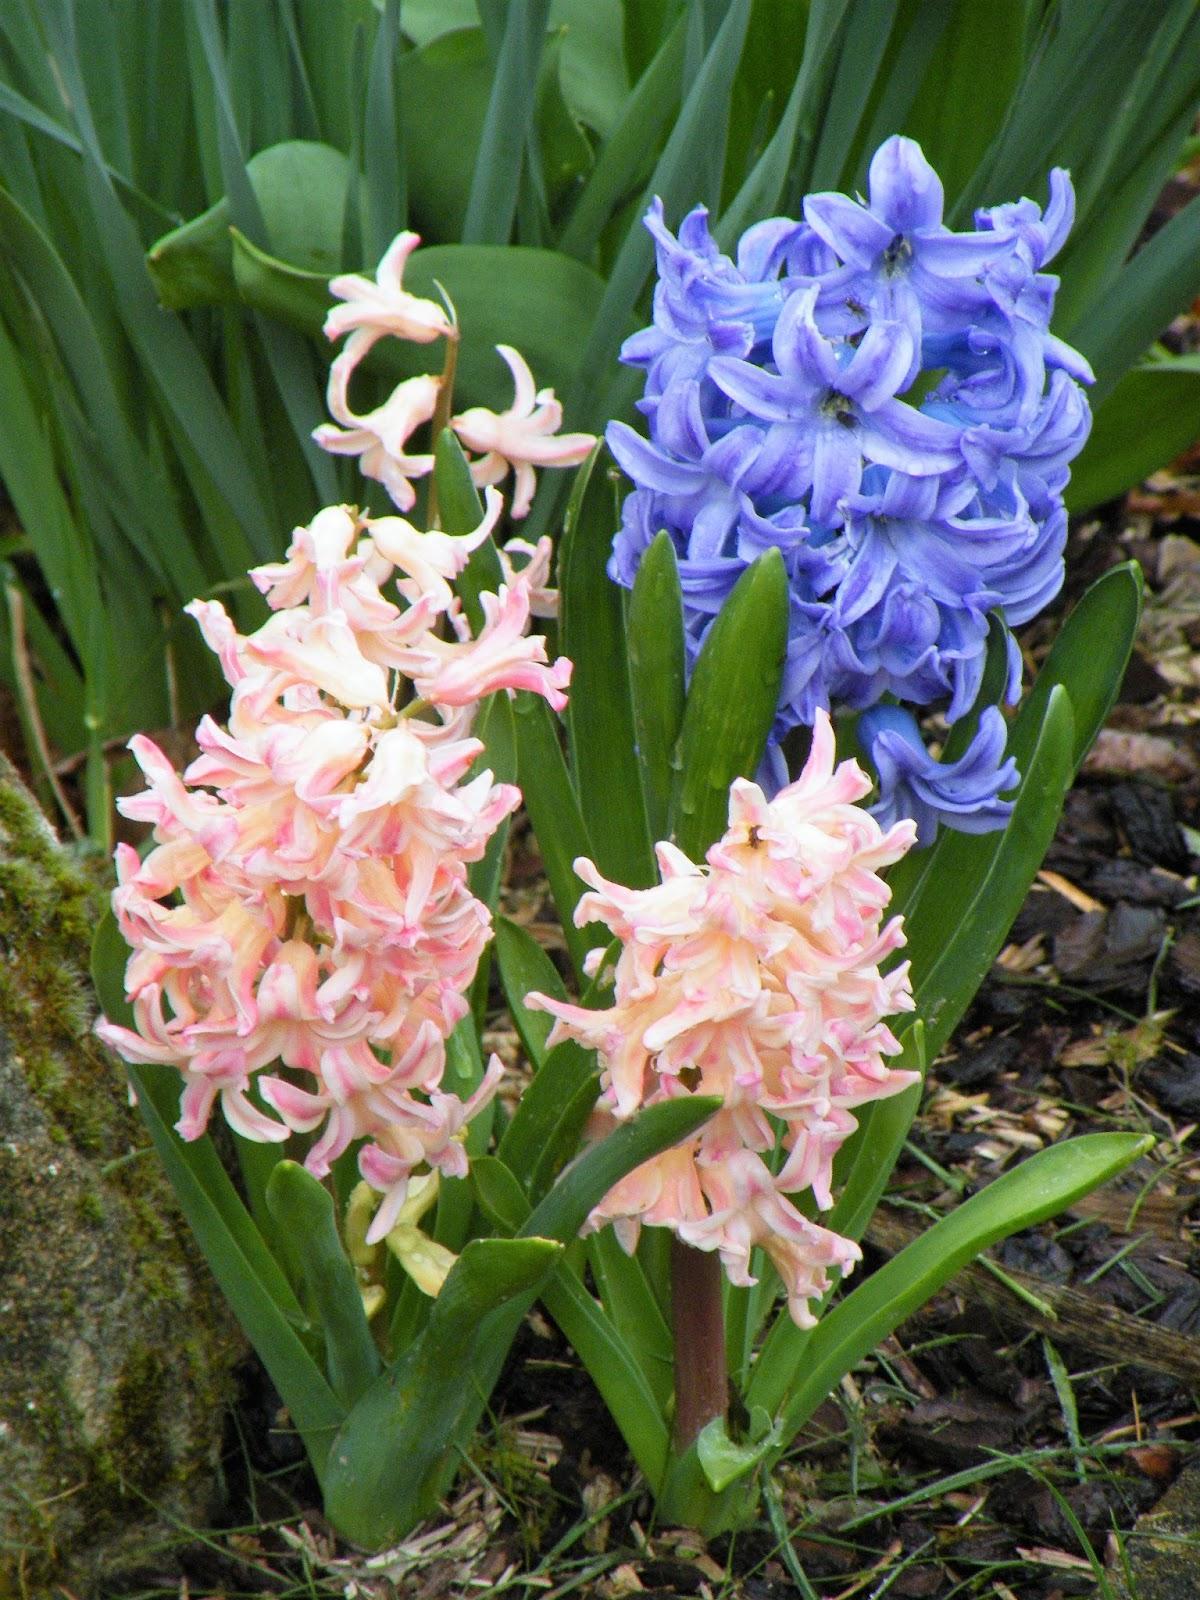 Du four au jardin et mes dix doigts fleurs de printemps for Fleurs jardin printemps